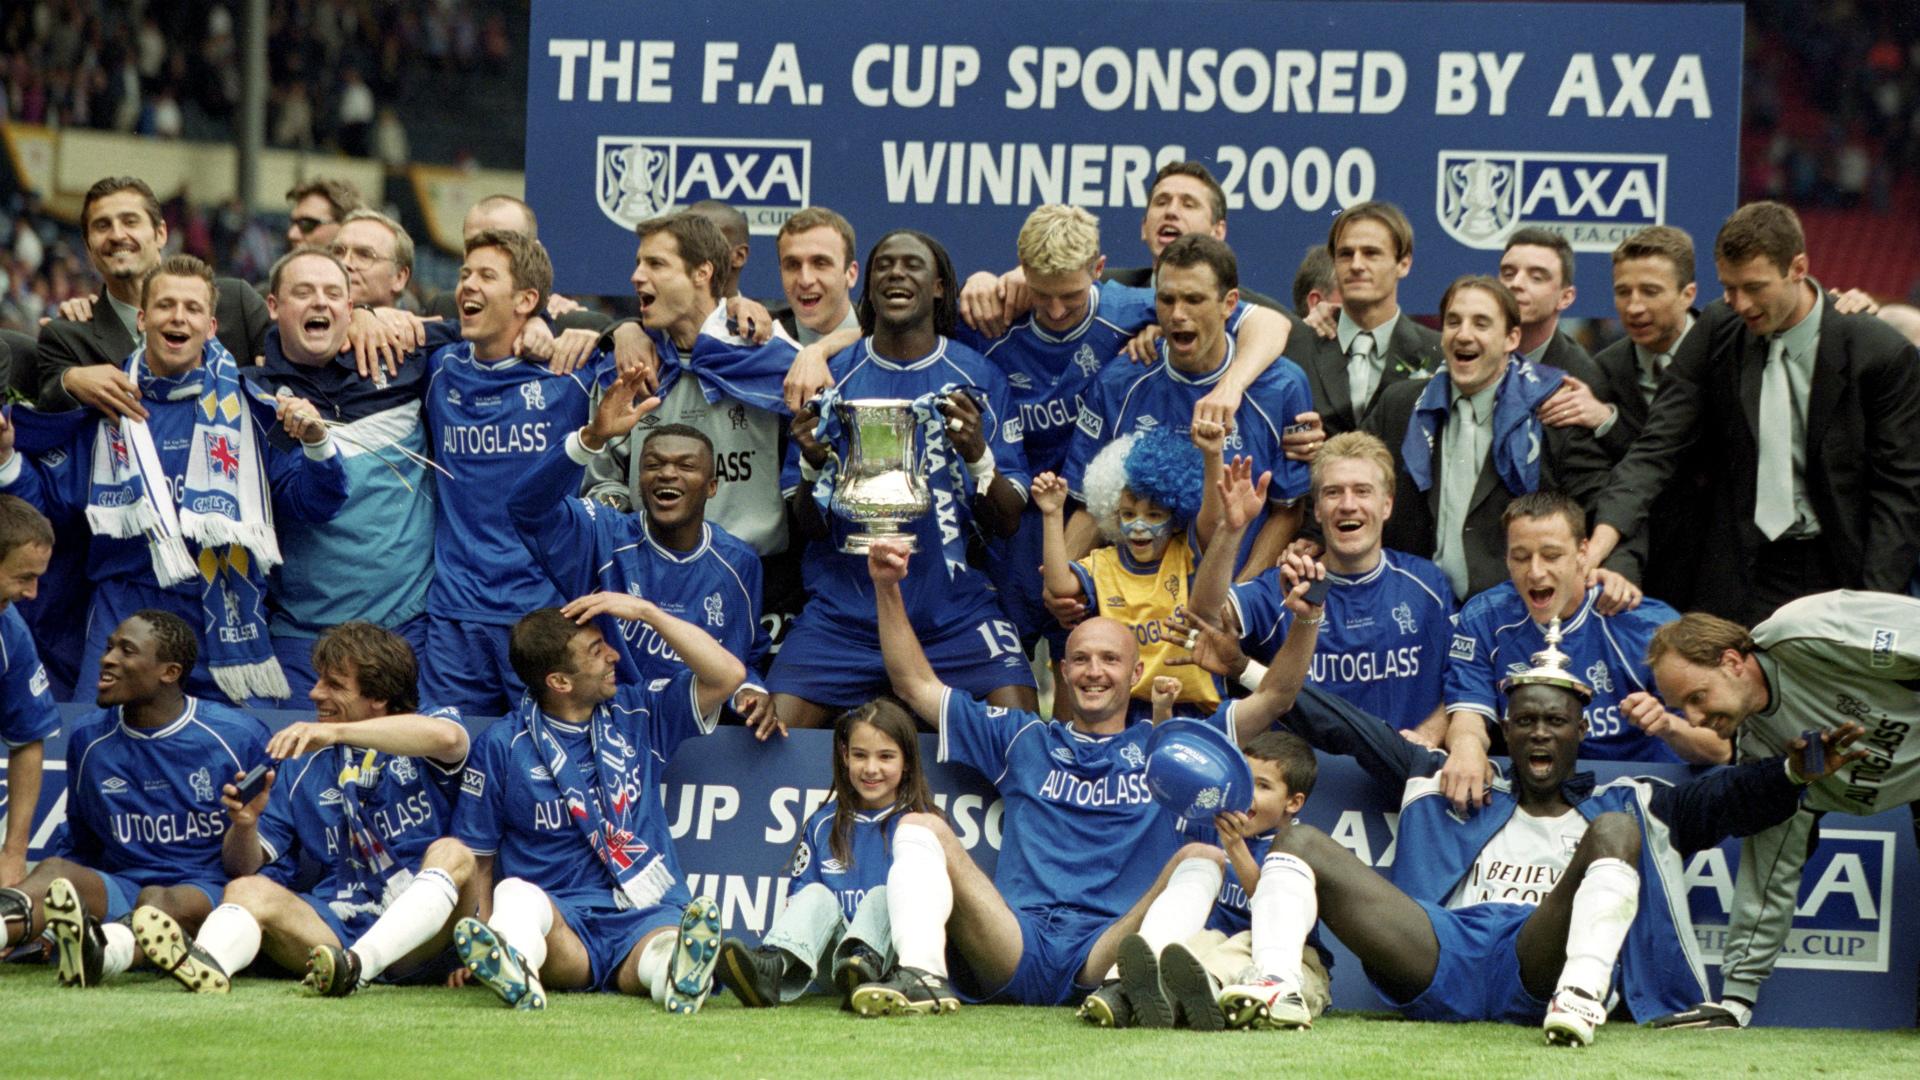 Chelsea 2000 FA Cup win